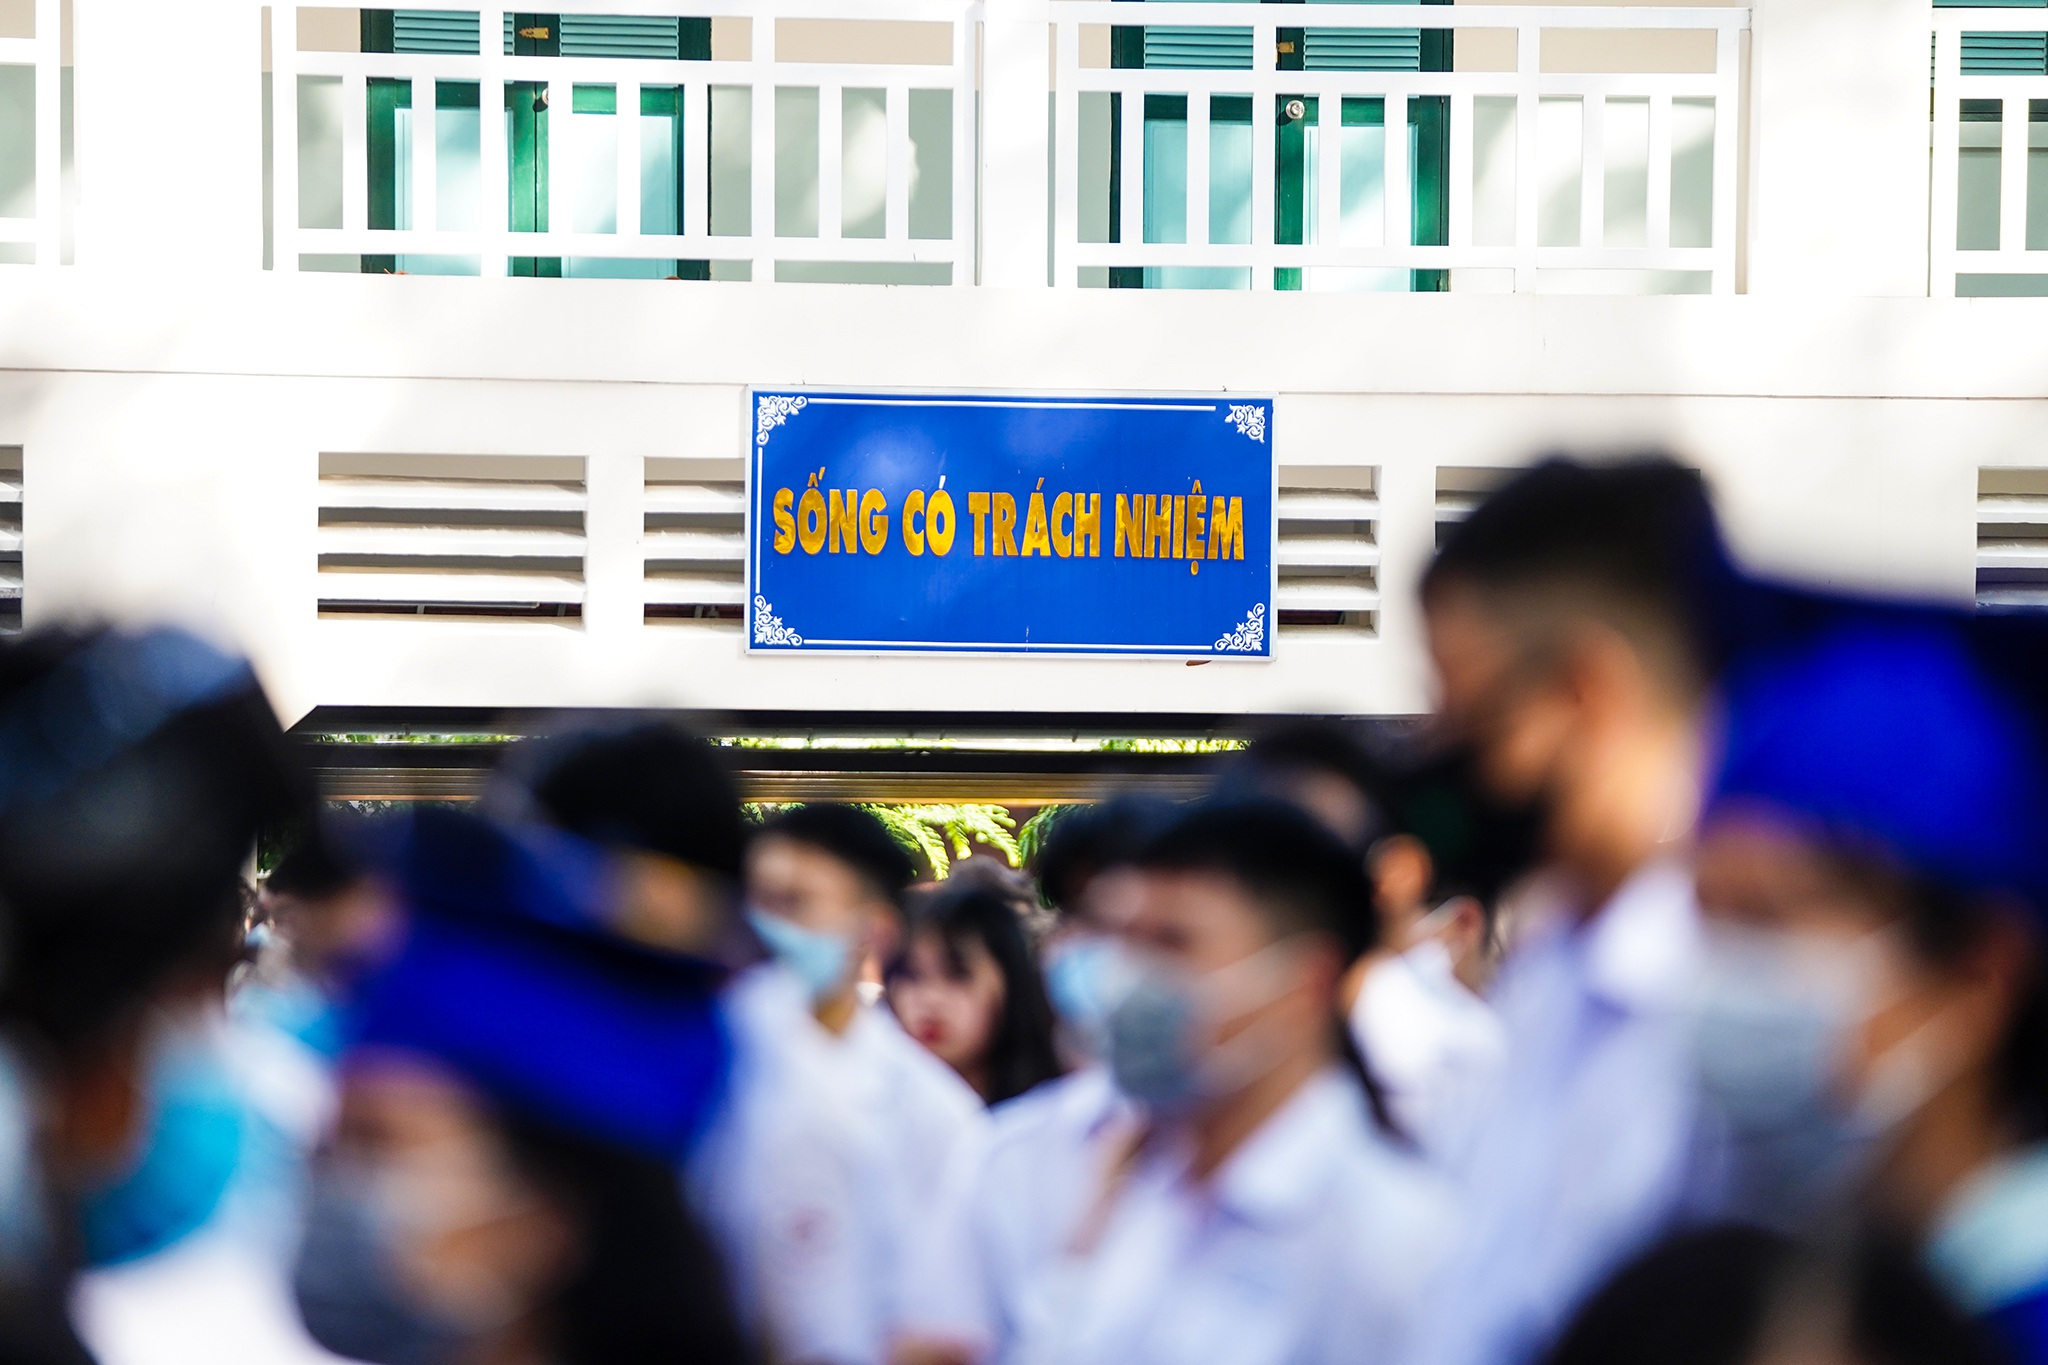 Phó Chủ tịch nước dự khai giảng tại ngôi trường 146 tuổi - 8